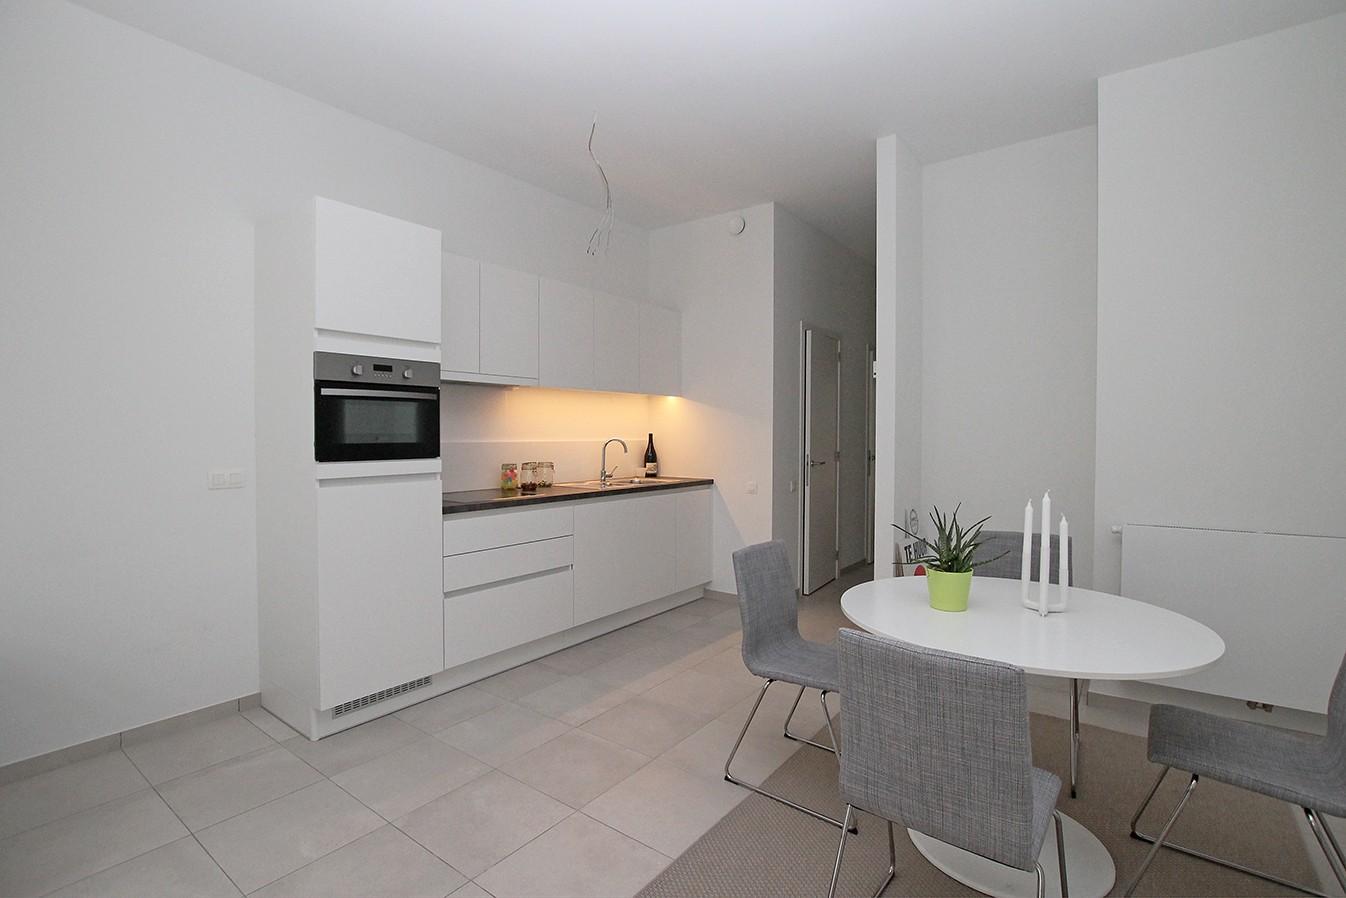 Prachtig appartement met één slaapkamer nabij het hippe Park Spoor Noord! afbeelding 2